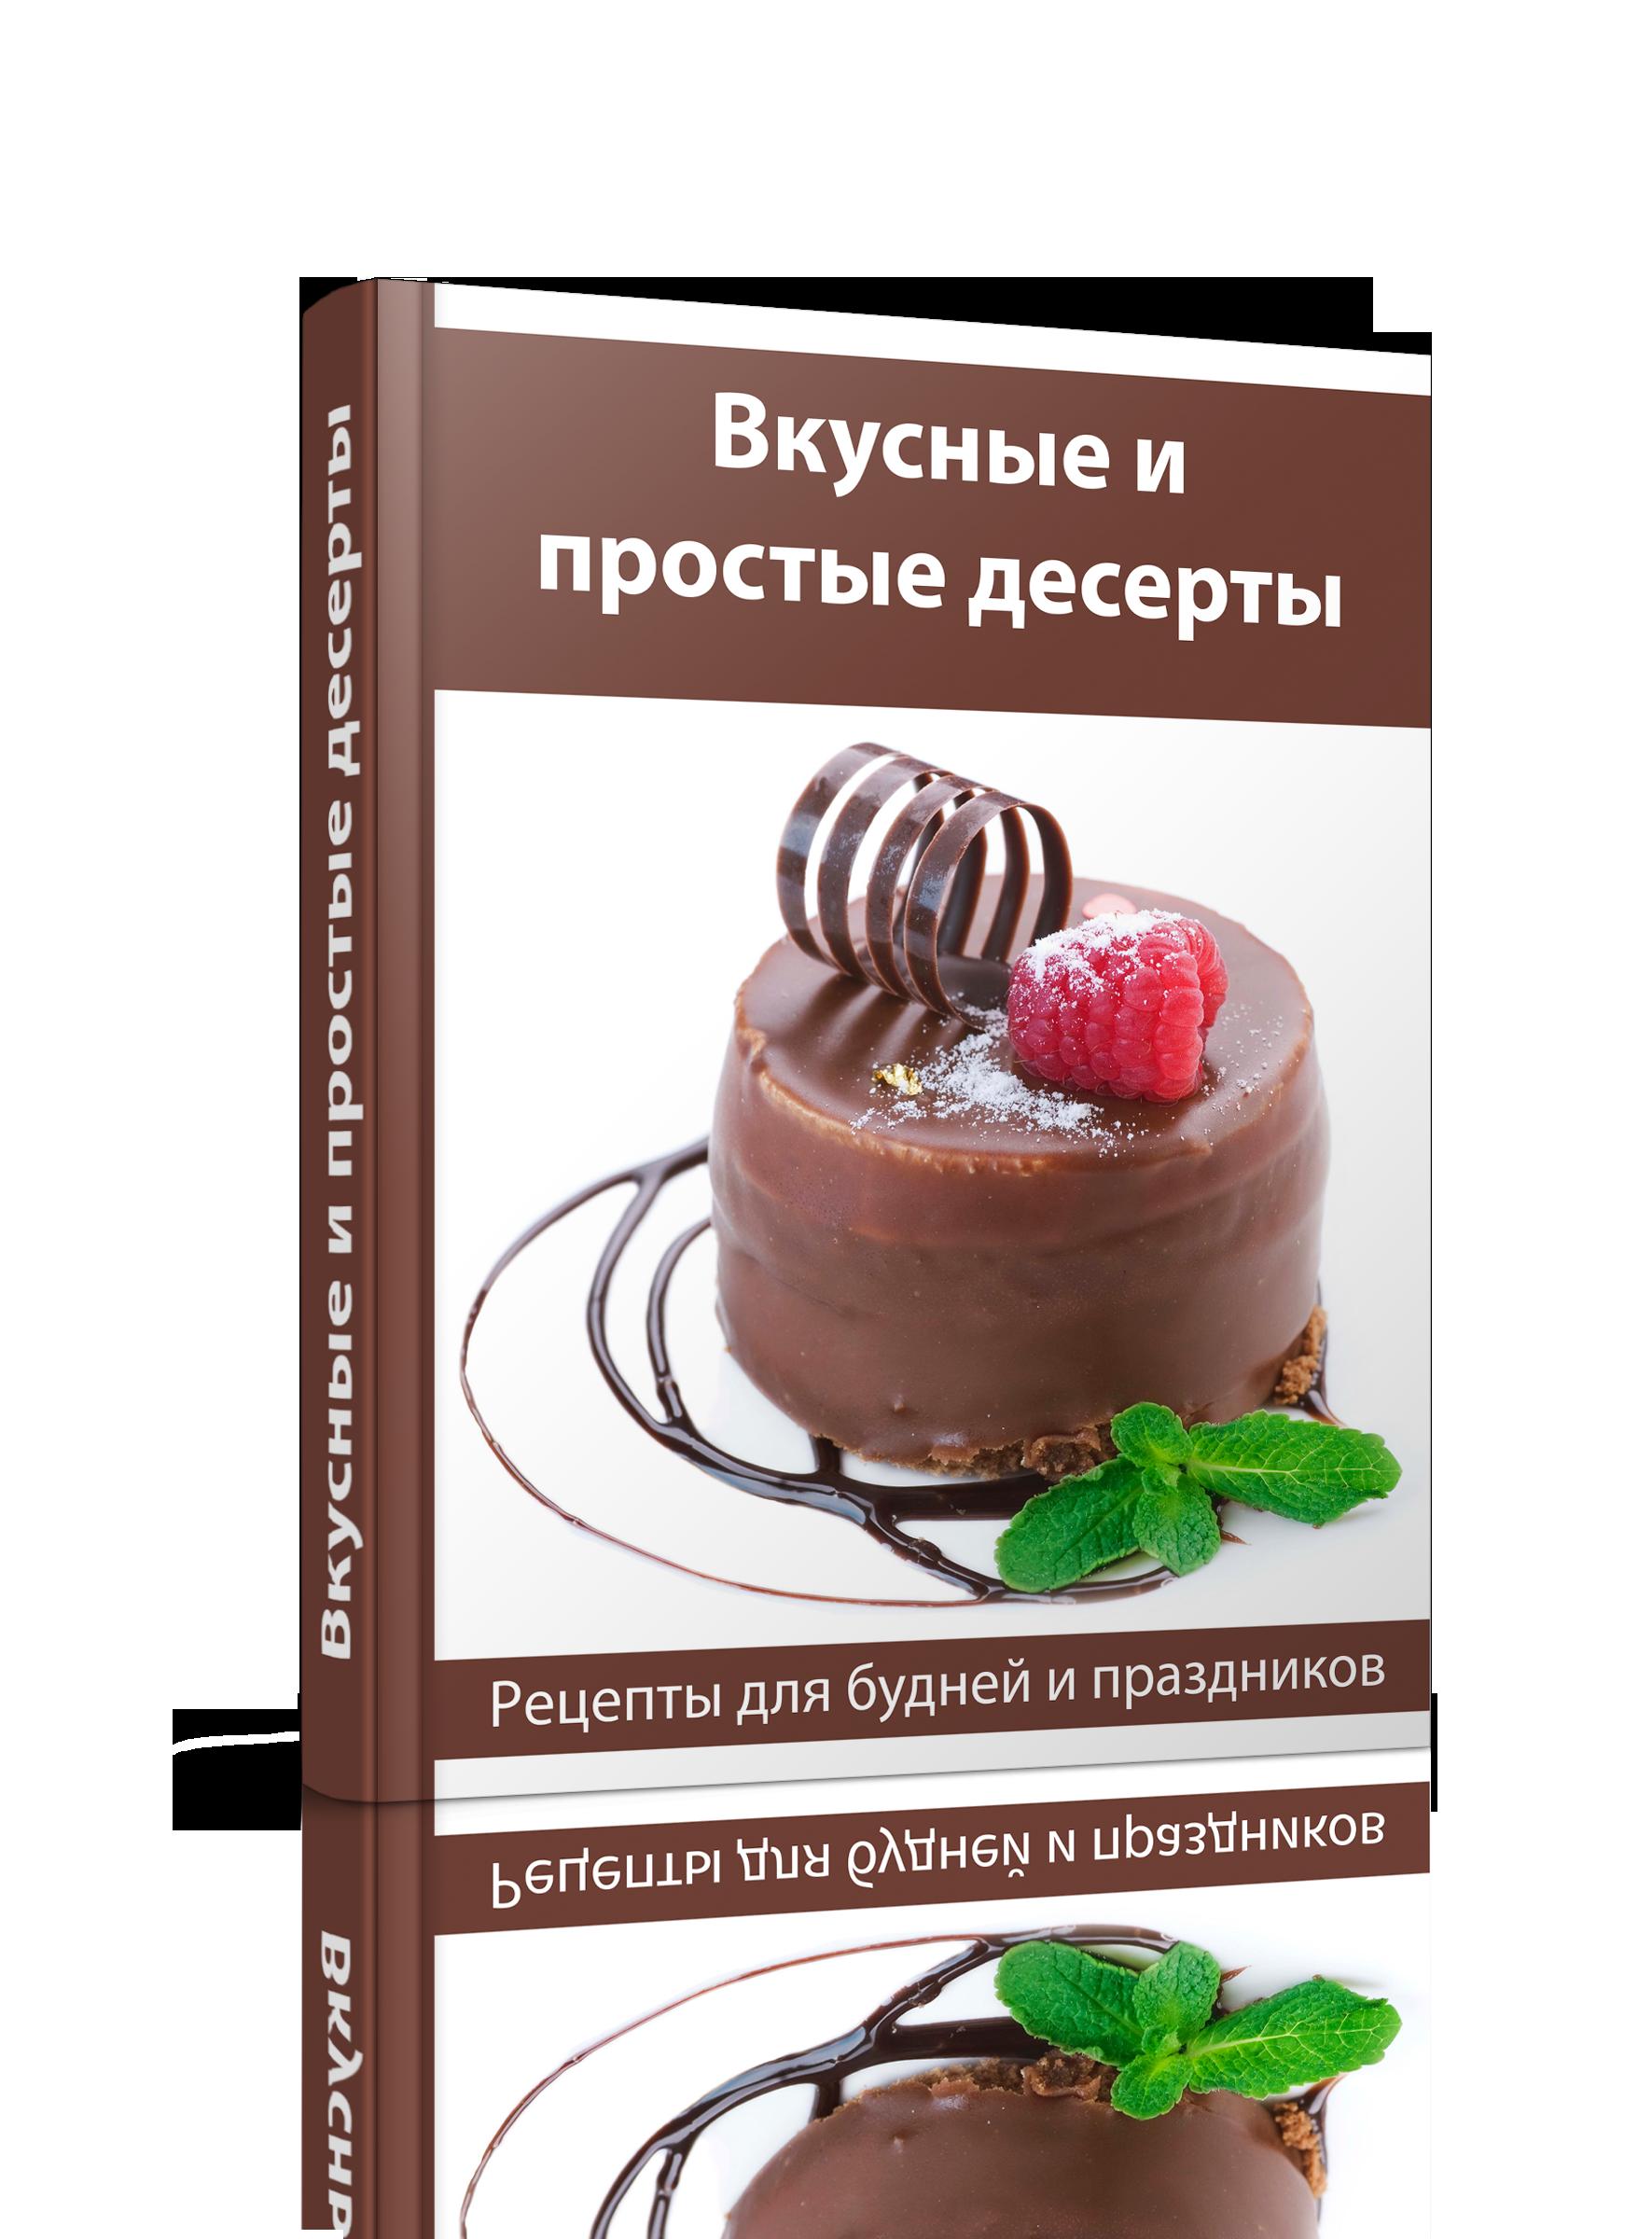 Вкусные и простые рецепты